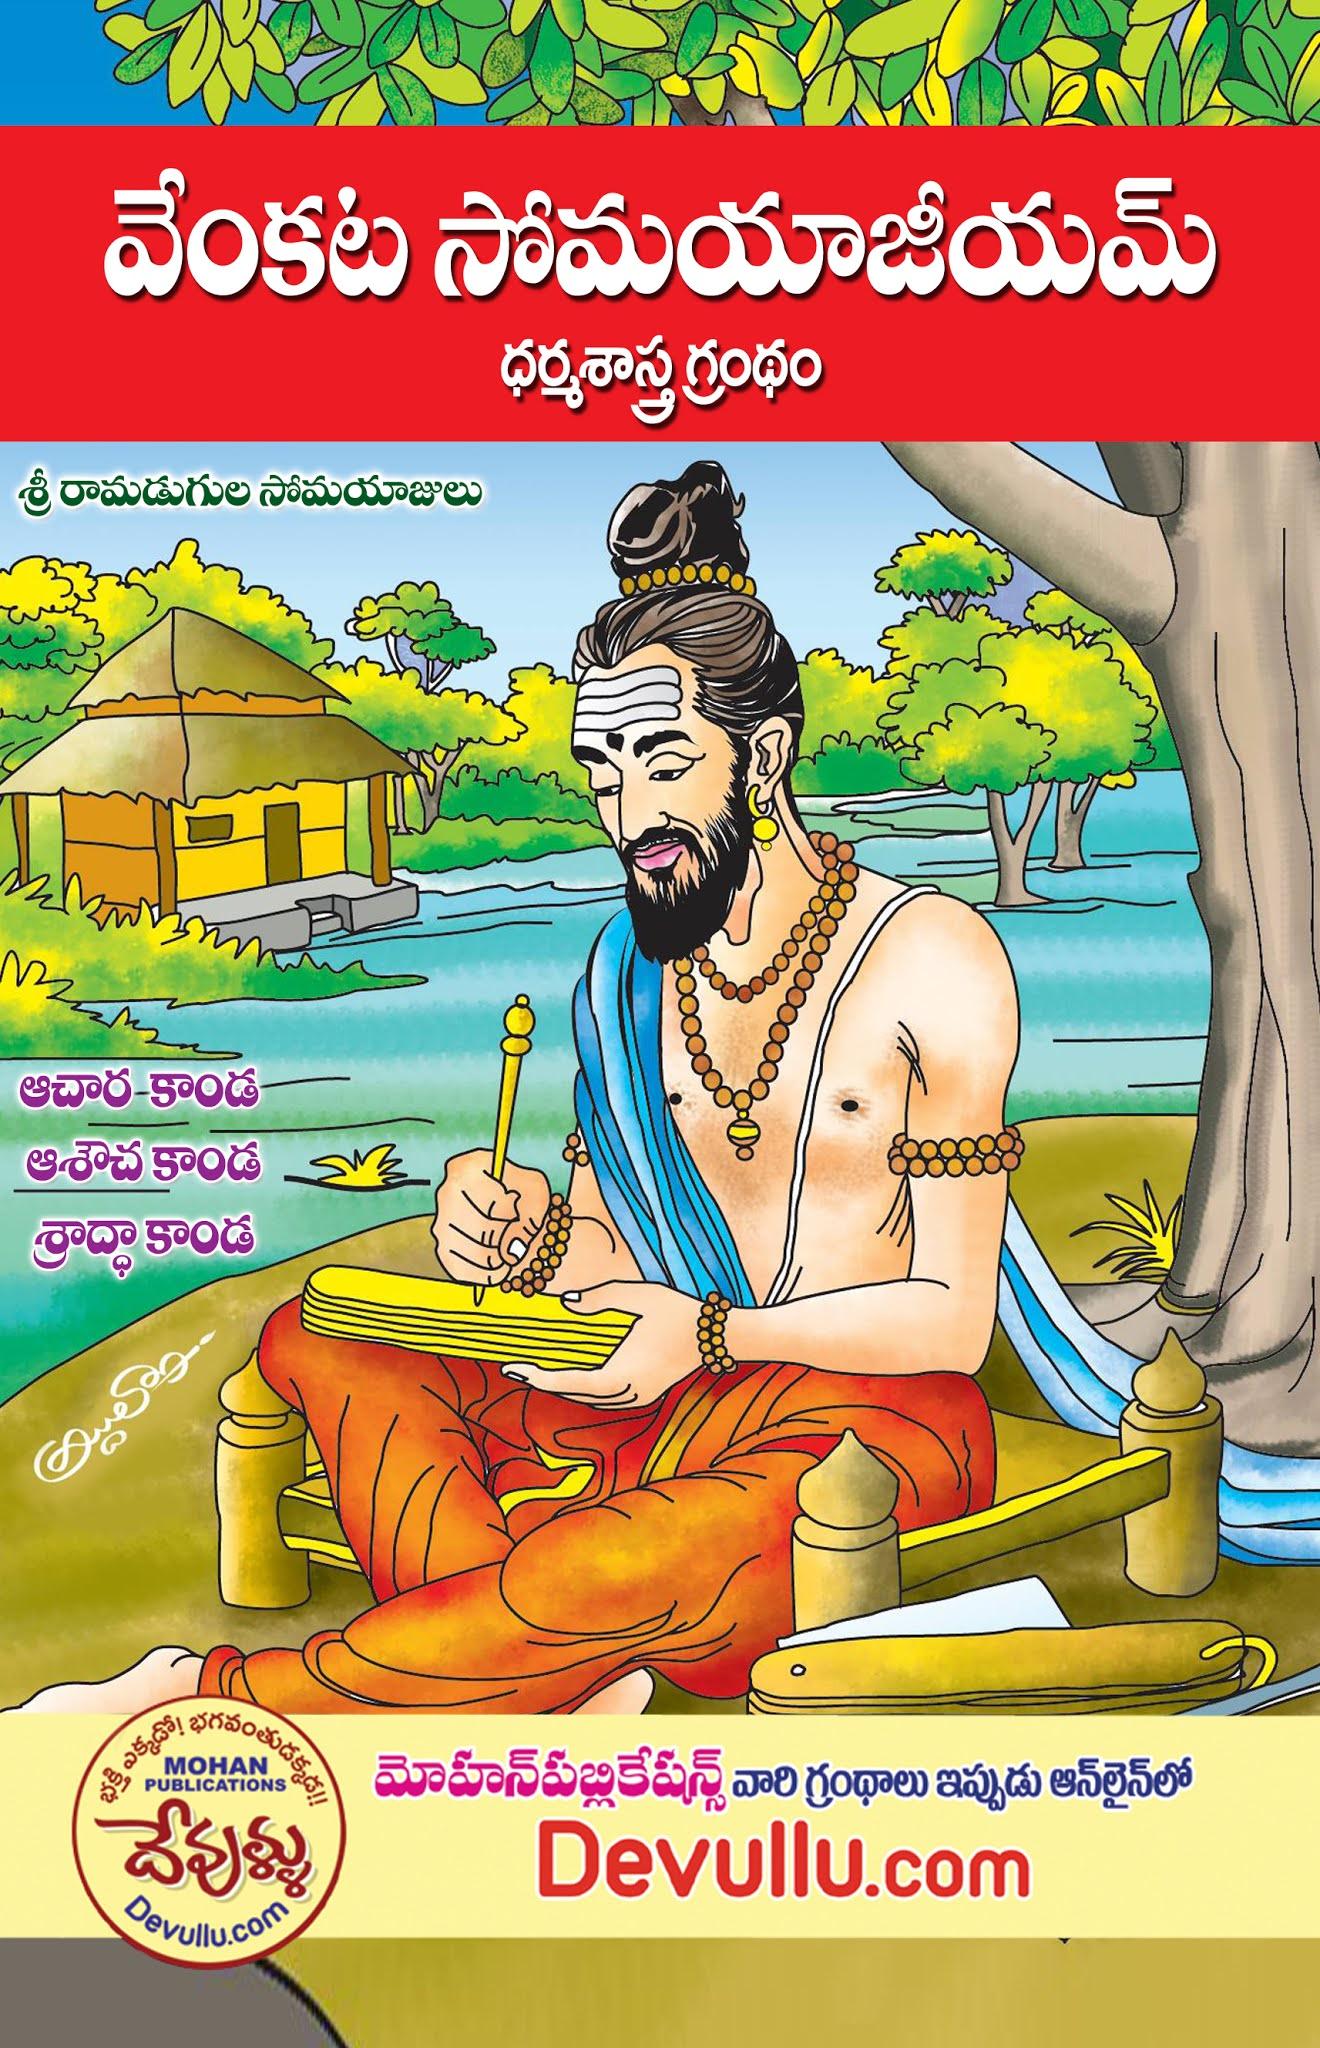 వెంకట సోమయాజీయమ్ | ధర్మశాస్త్ర గ్రంధము | Venkata Somayajiyam | dharma sastram in telugu